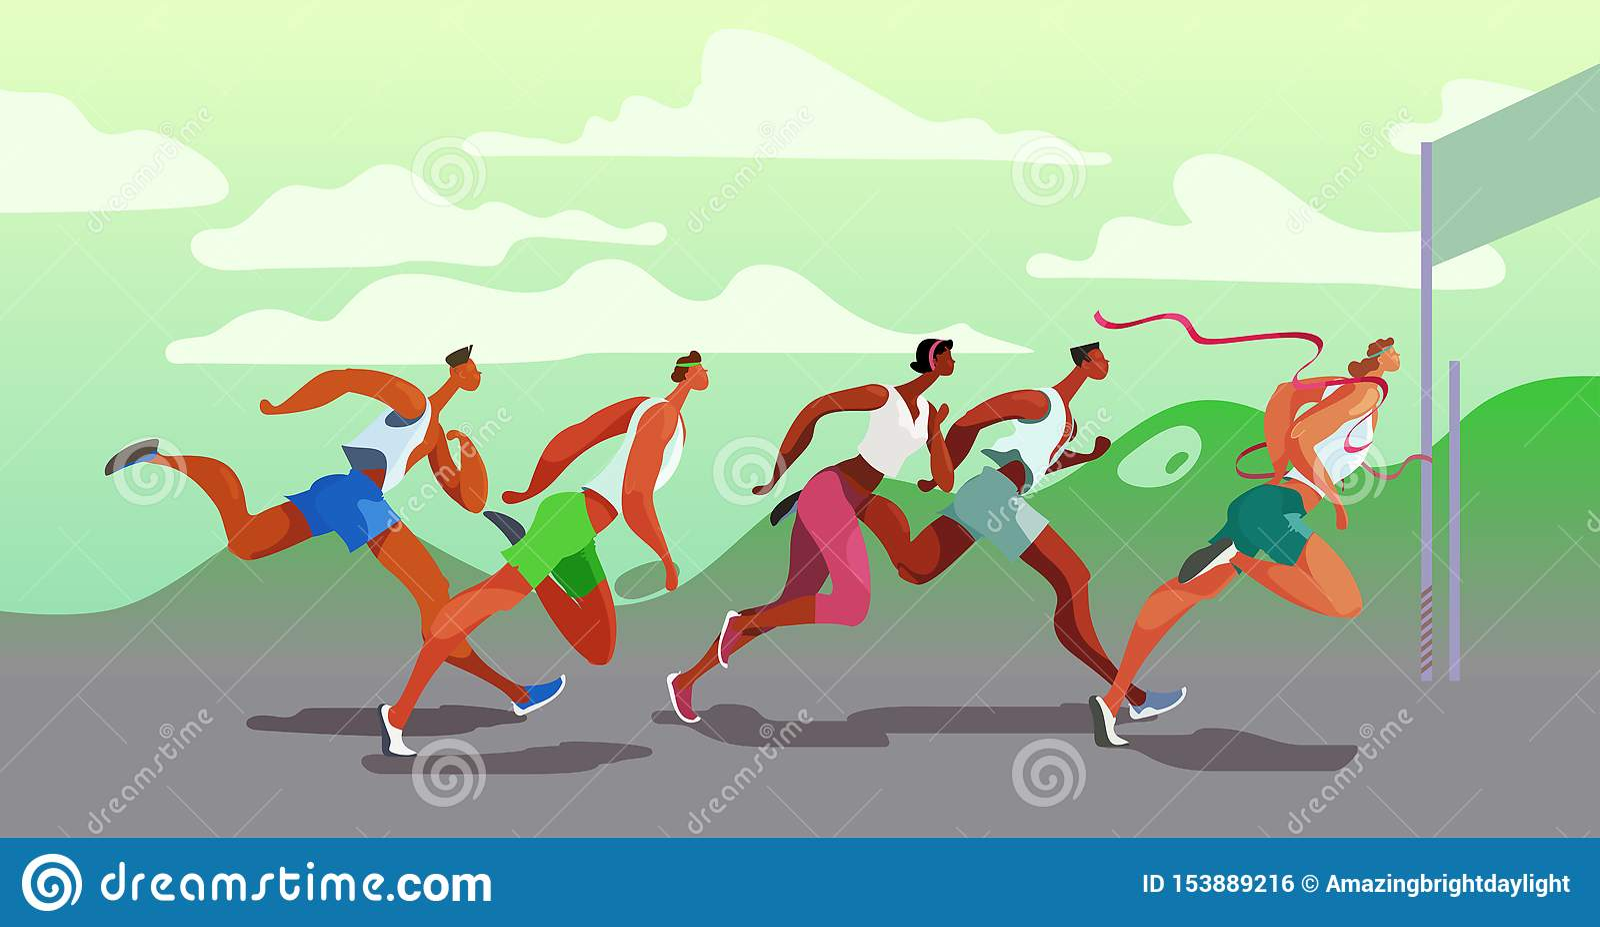 Τρέχοντας άνθρωποι Dinamic Νικητής Αθλητικός ανταγωνισμός στον αέρα Τρέξιμο μαραθωνίου r EPS10